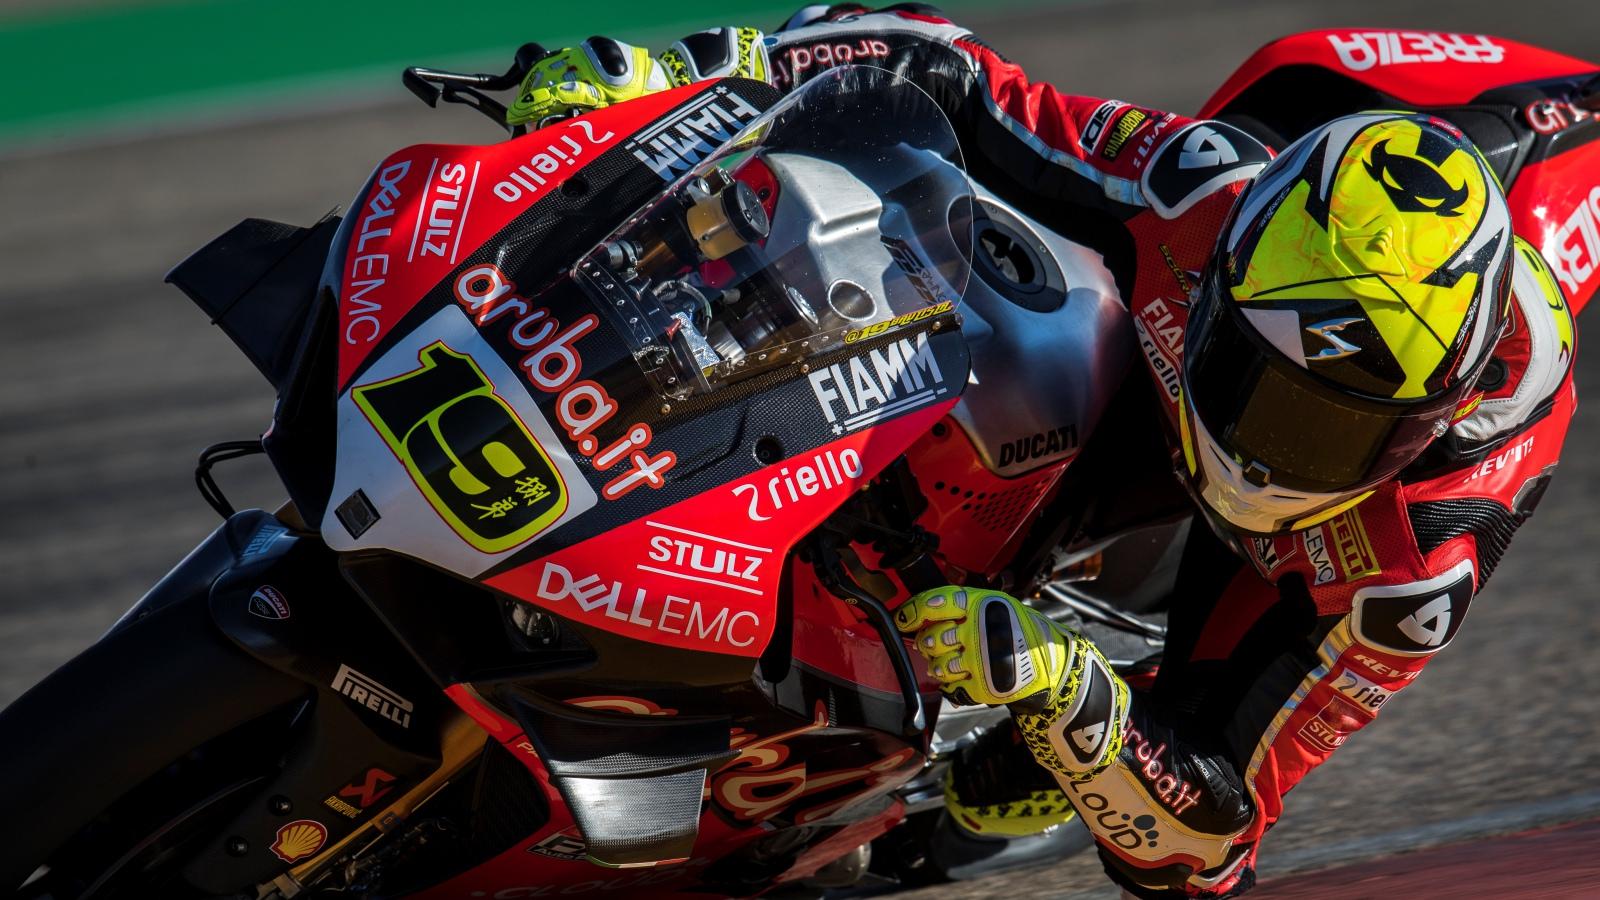 Superbike decide quitar 250 revoluciones a Ducati tras el dominio de Álvaro Bautista